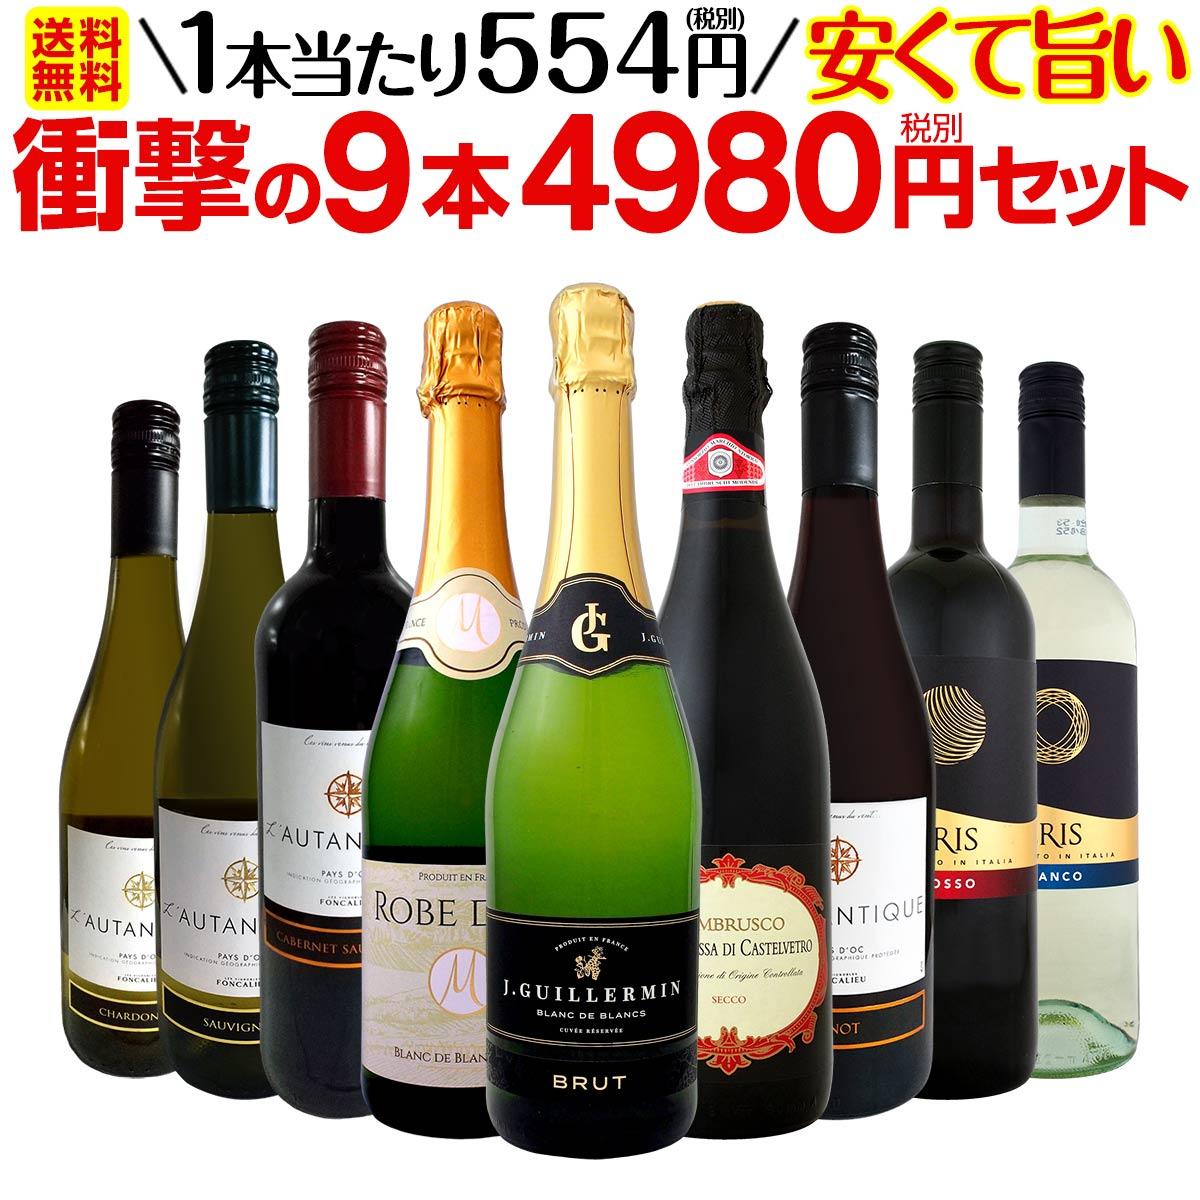 【送料無料】第9弾!当店最安級!1本あたり554円(税別)!限界ギリギリまでお買い求めやすくしました!安くて旨いワインばかりを詰め込んだ衝撃の9本4980円(税別)セット!